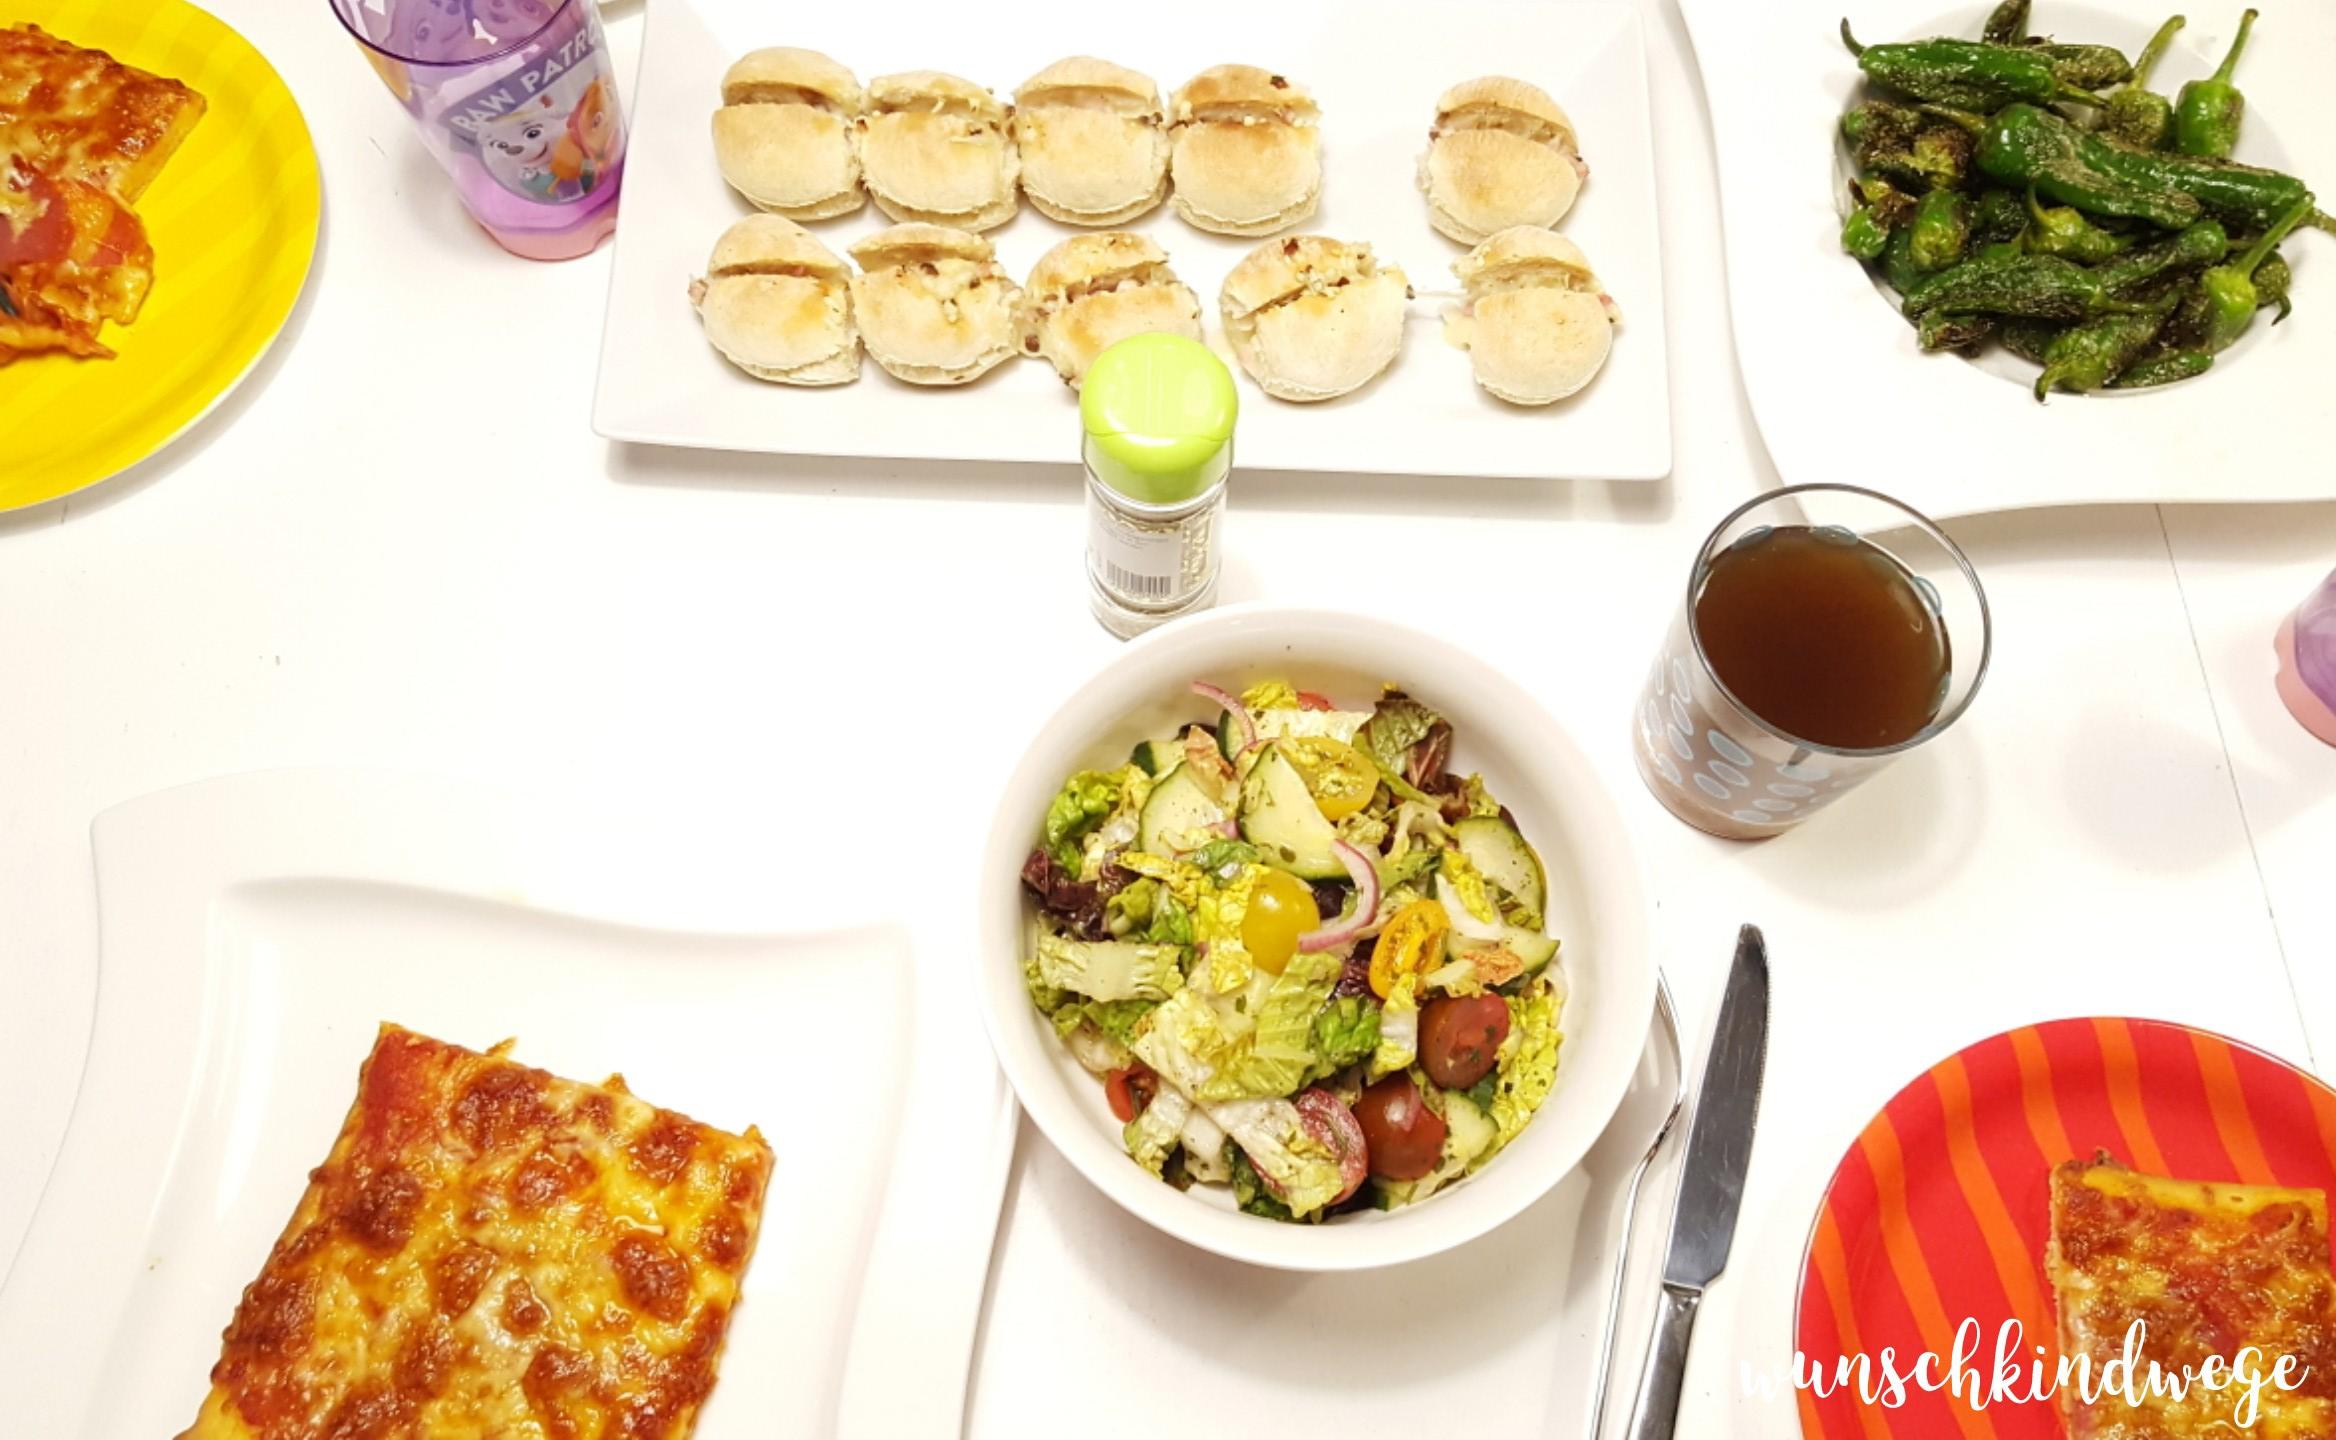 Silvesterwochenende Abendessen Pizza Pimientos Salat